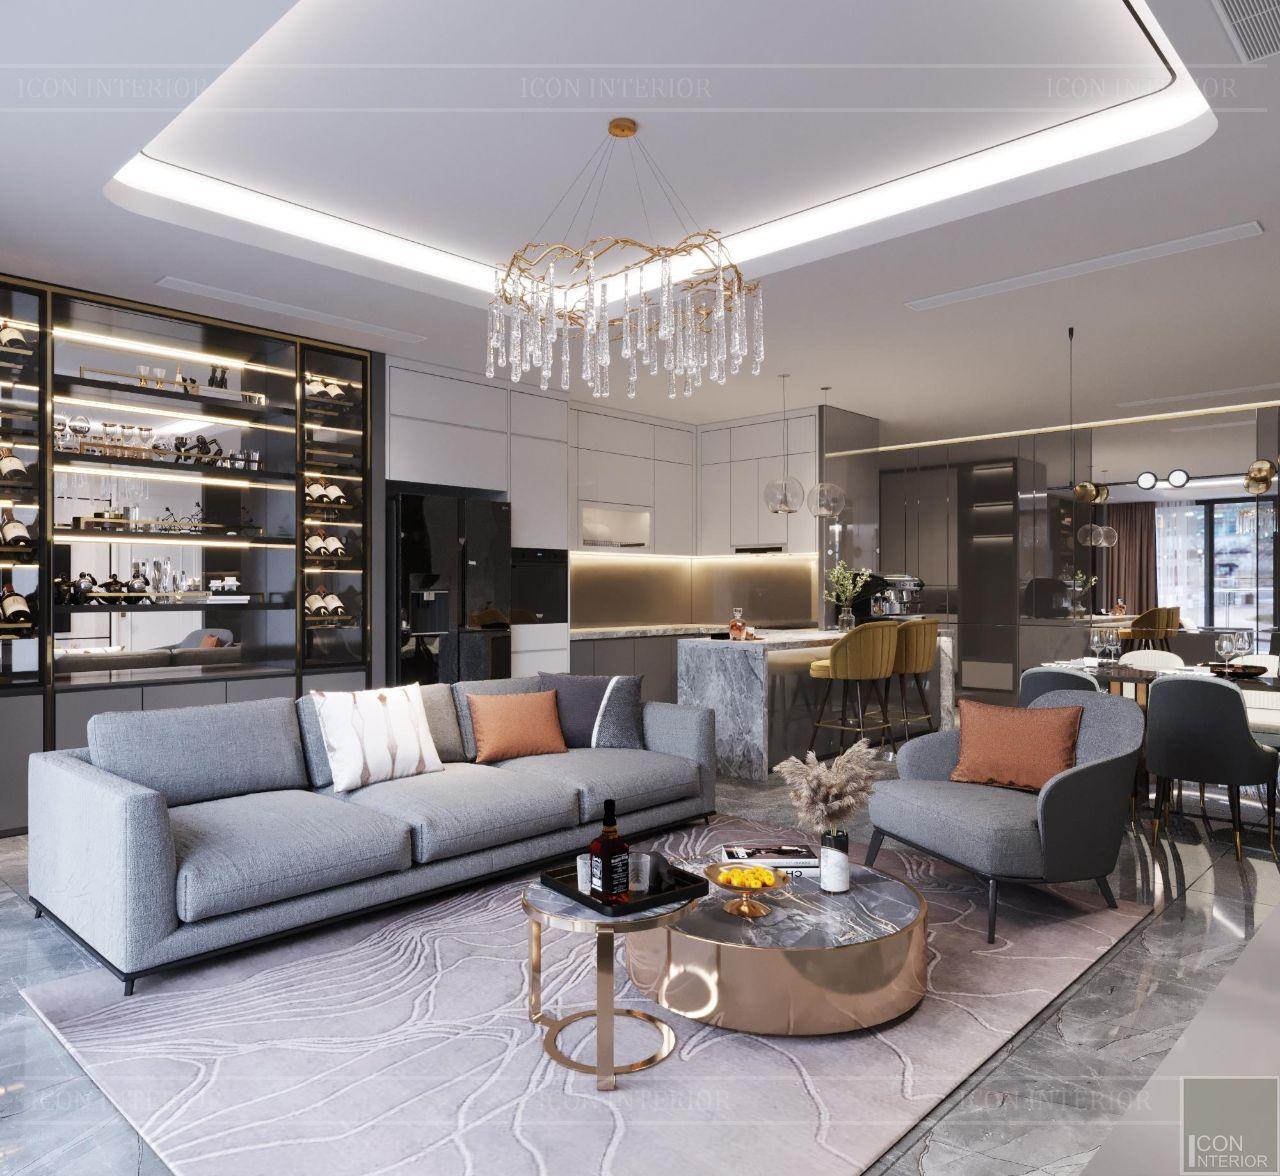 báo giá thiết kế nội thất căn hộ 110m2